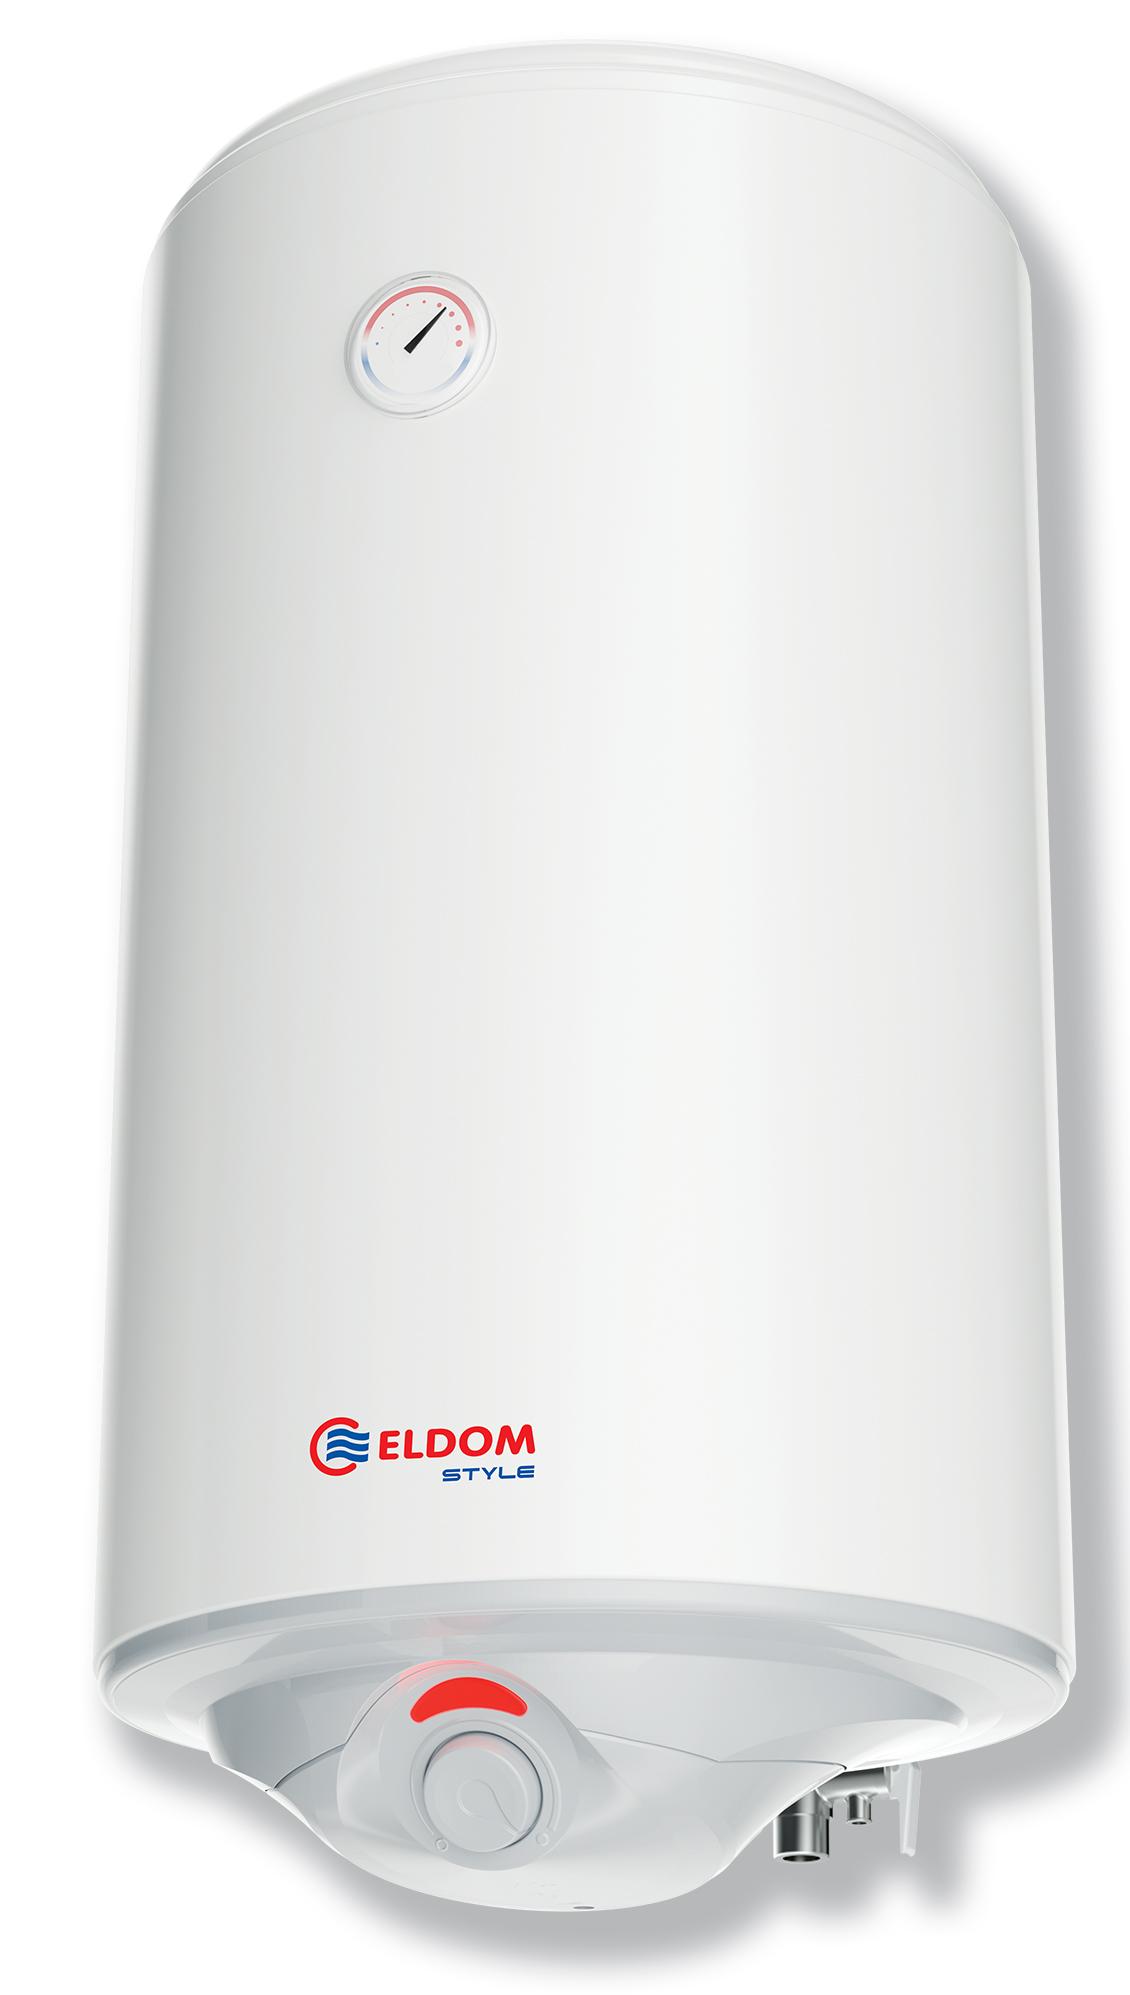 B-Ware Warmwasserspeicher Eldom Style 100 Liter druckfest - Kabel mit Stecker